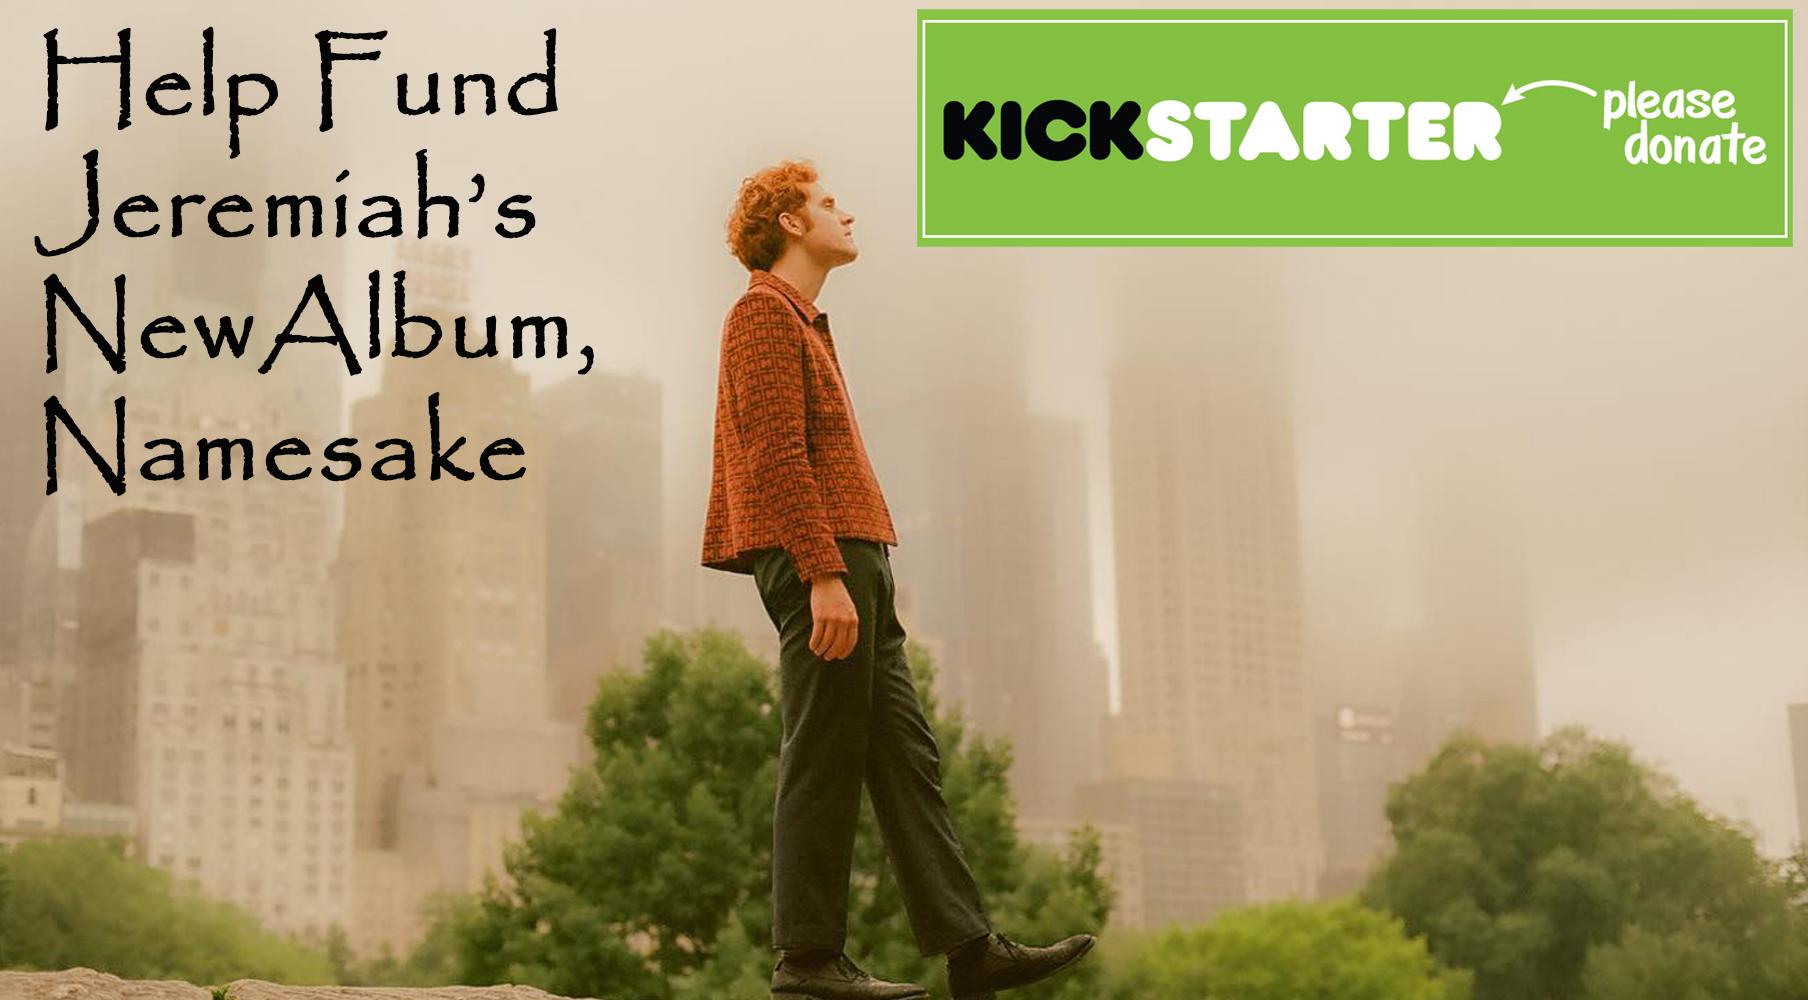 jlh-kickstarter.jpg